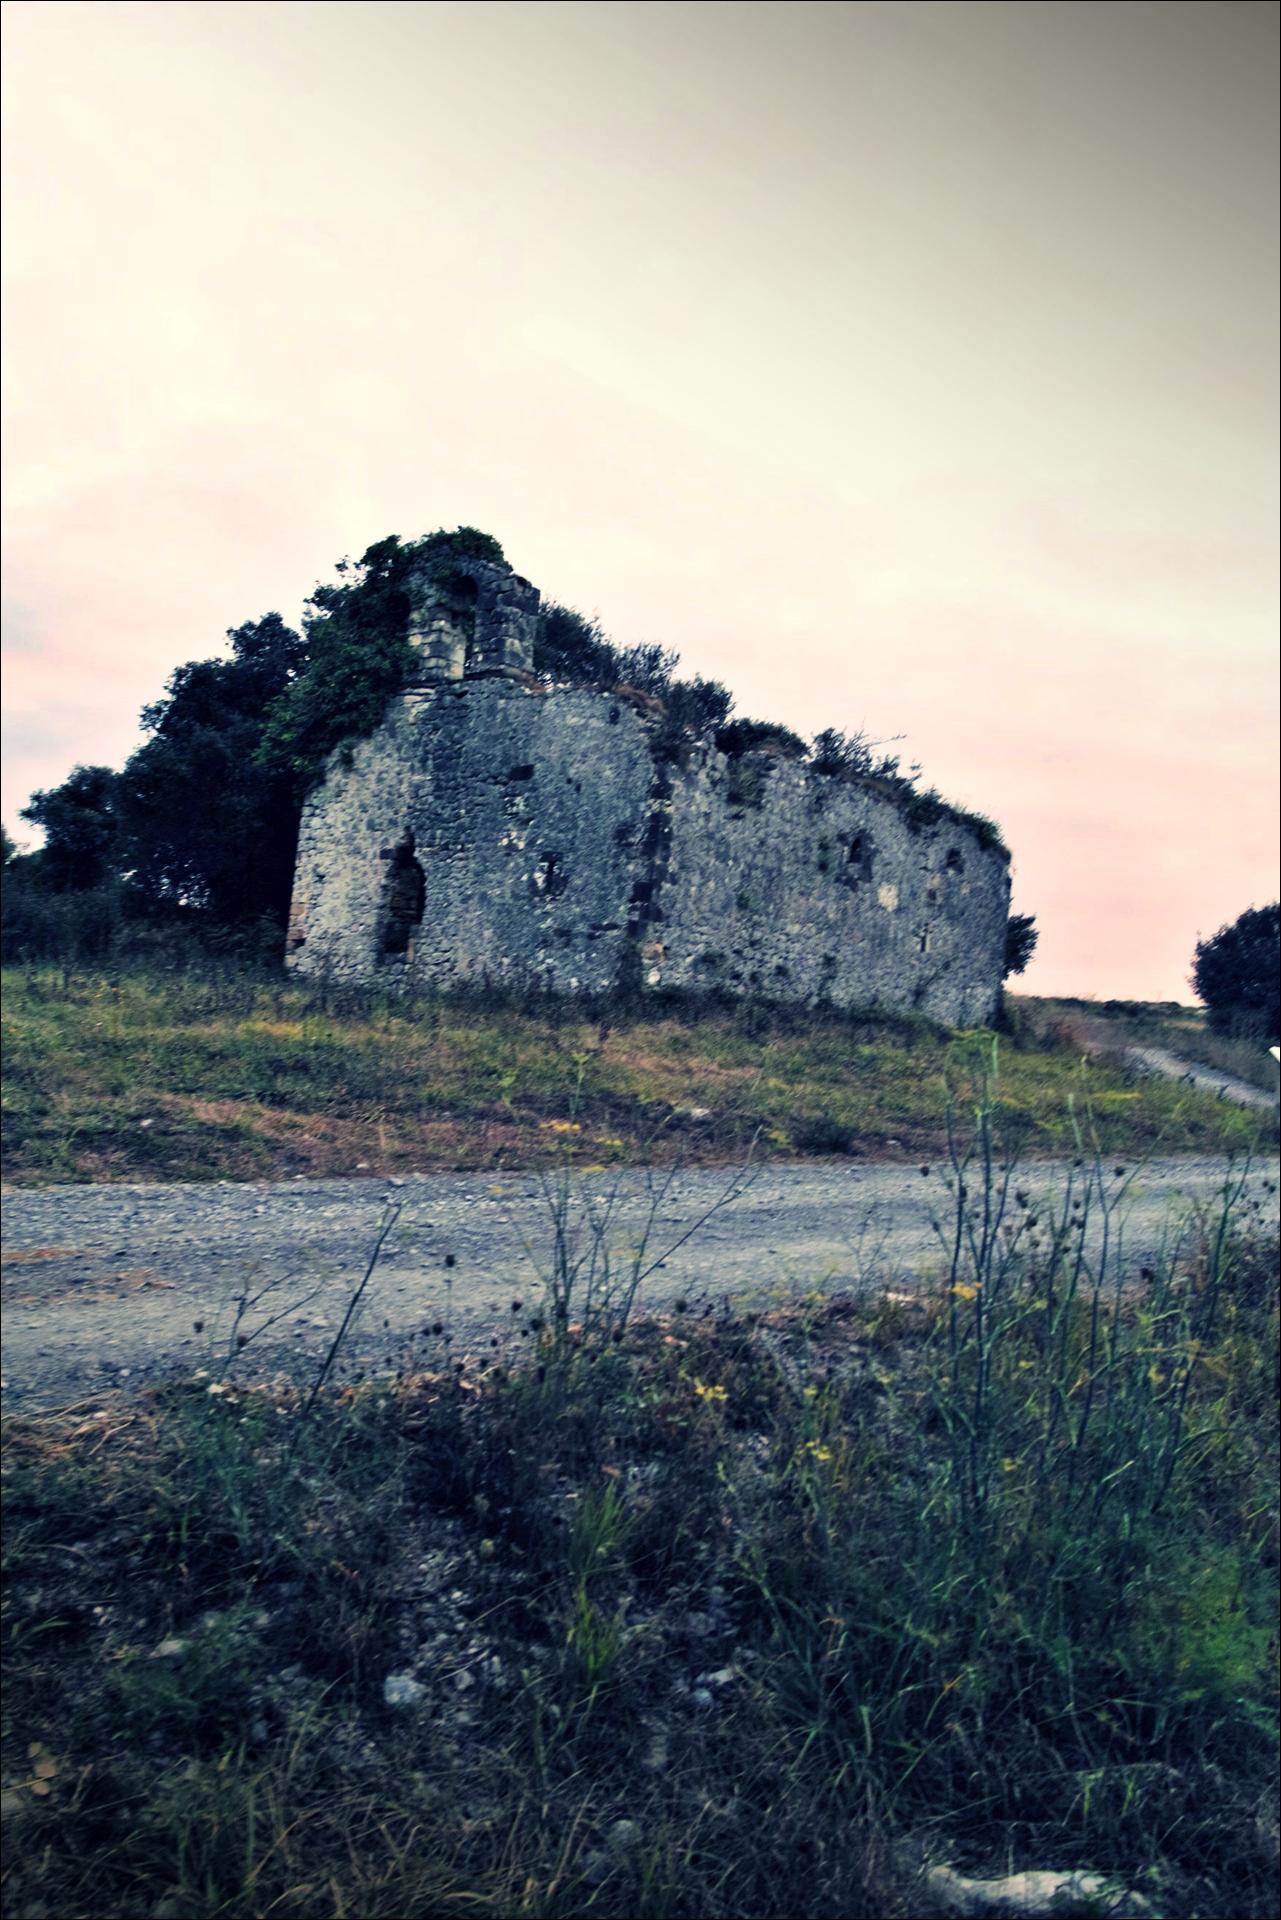 길-'카미노 데 산티아고 북쪽길. 리엔도에서 산토냐. (Camino del Norte - Liendo to Santoña) '